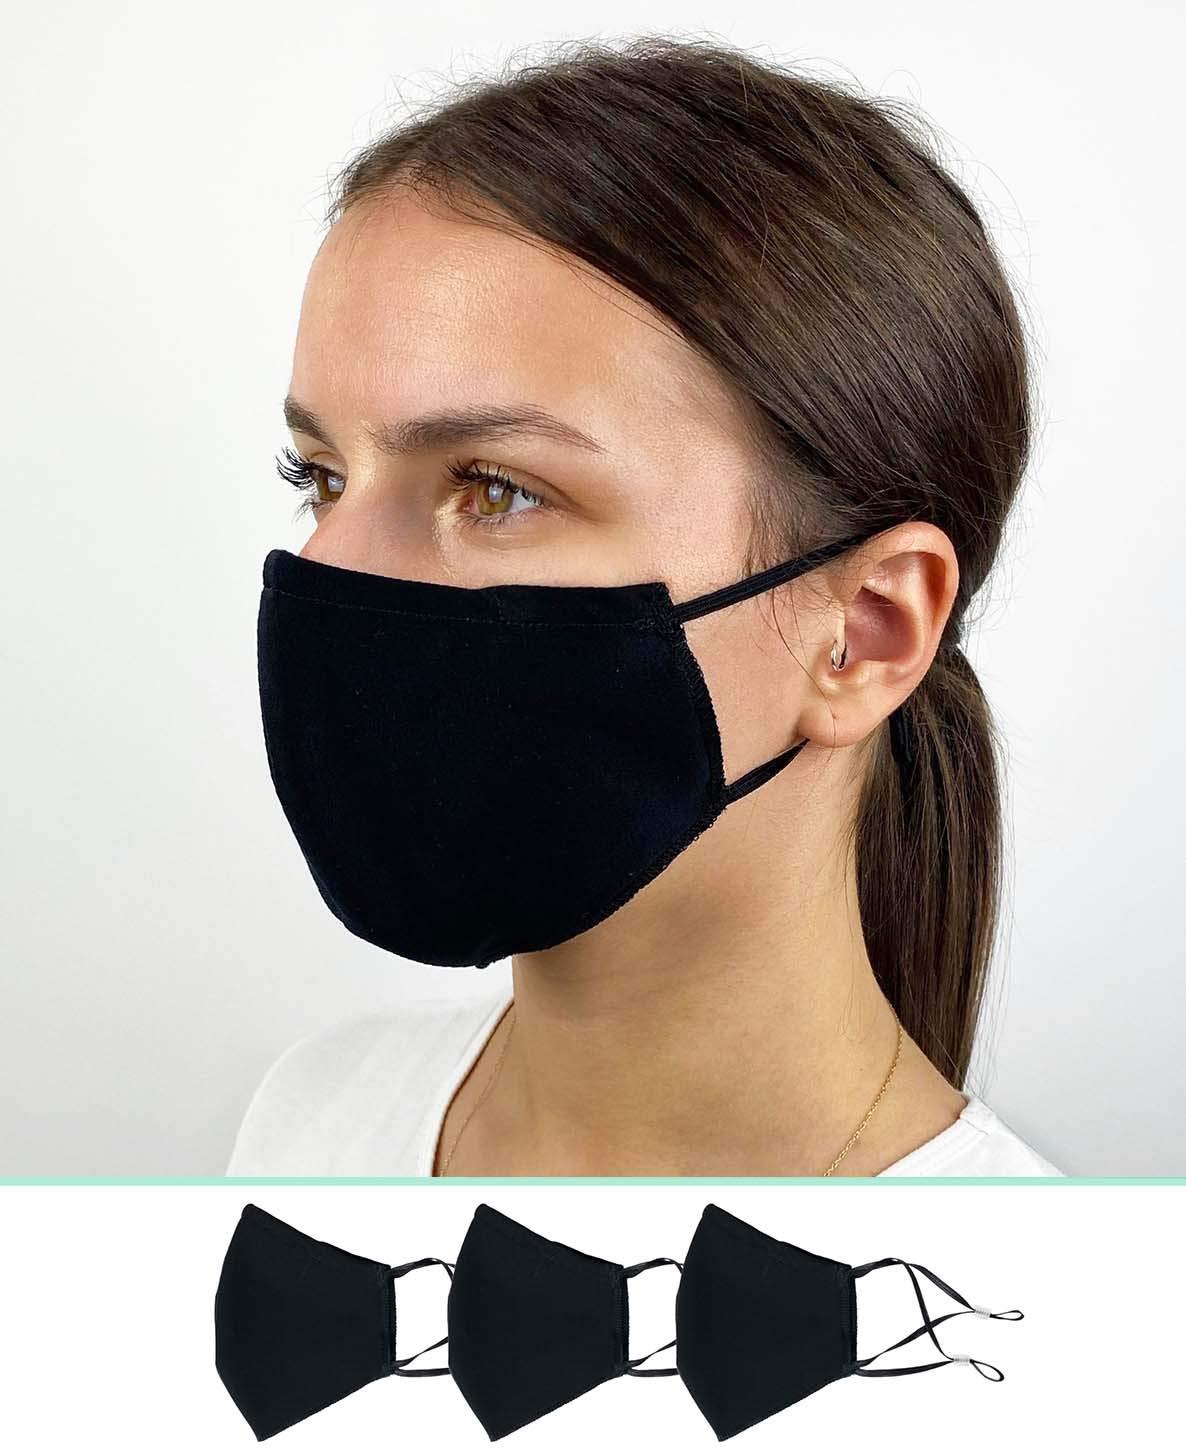 Pack de 3 Mascarillas Reutilizables y Lavables de Tela Algodon Homologadas - Comodas y Respirables - Máscaras Certificadas (Negras)